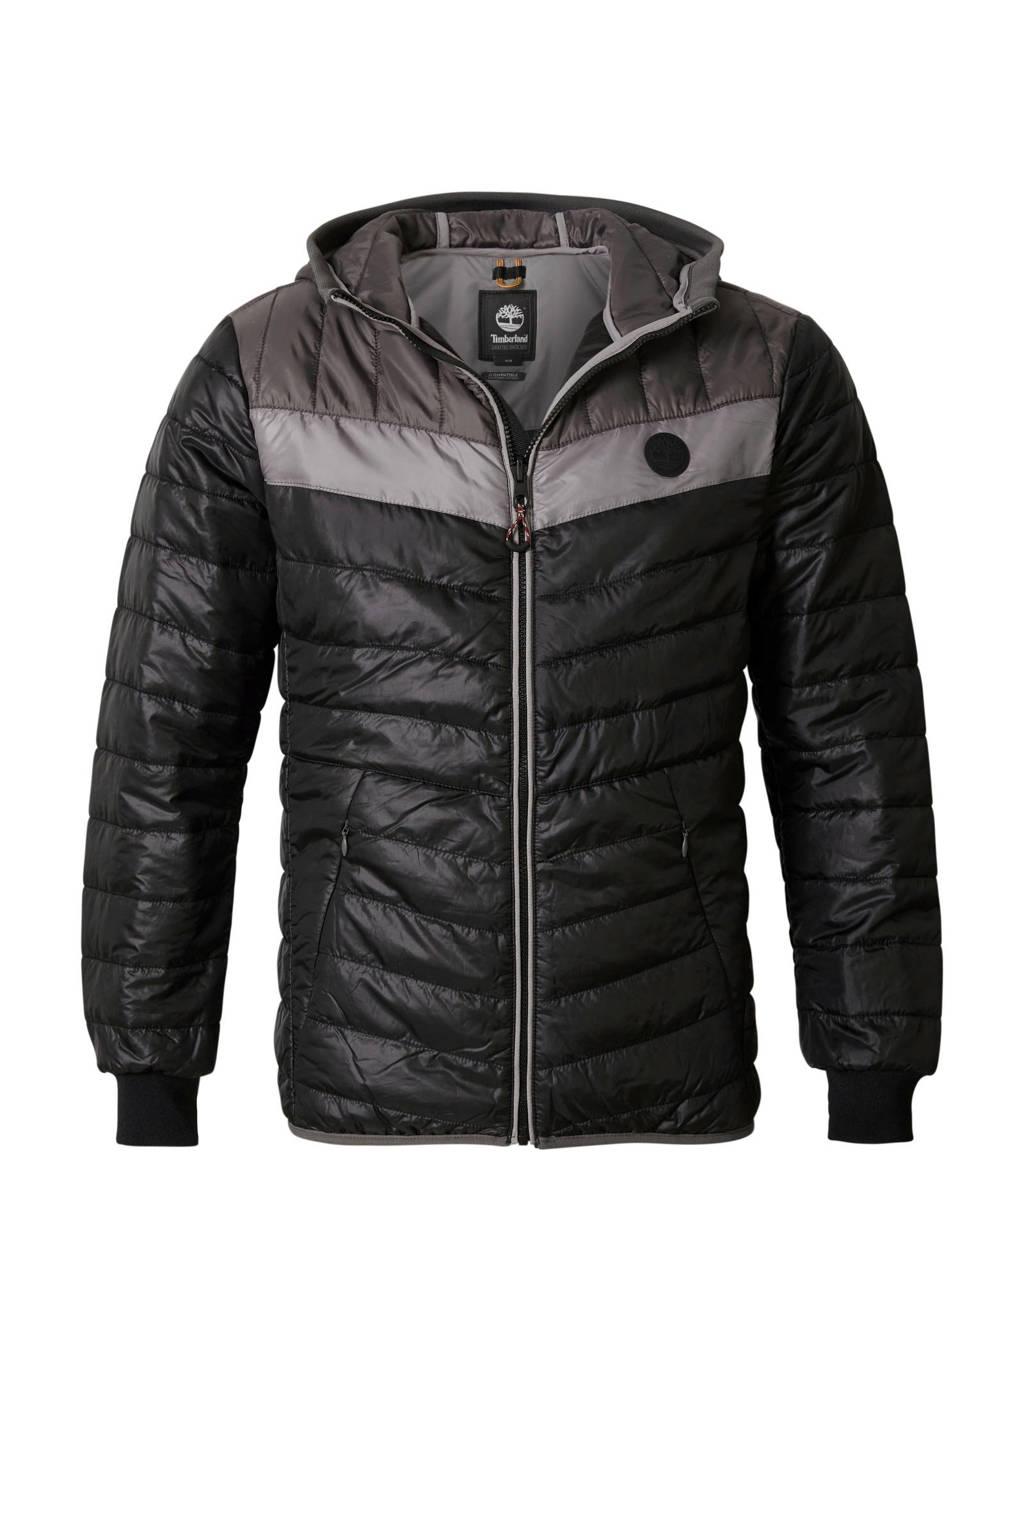 Timberland tussenjas zwart, Zwart/grijs